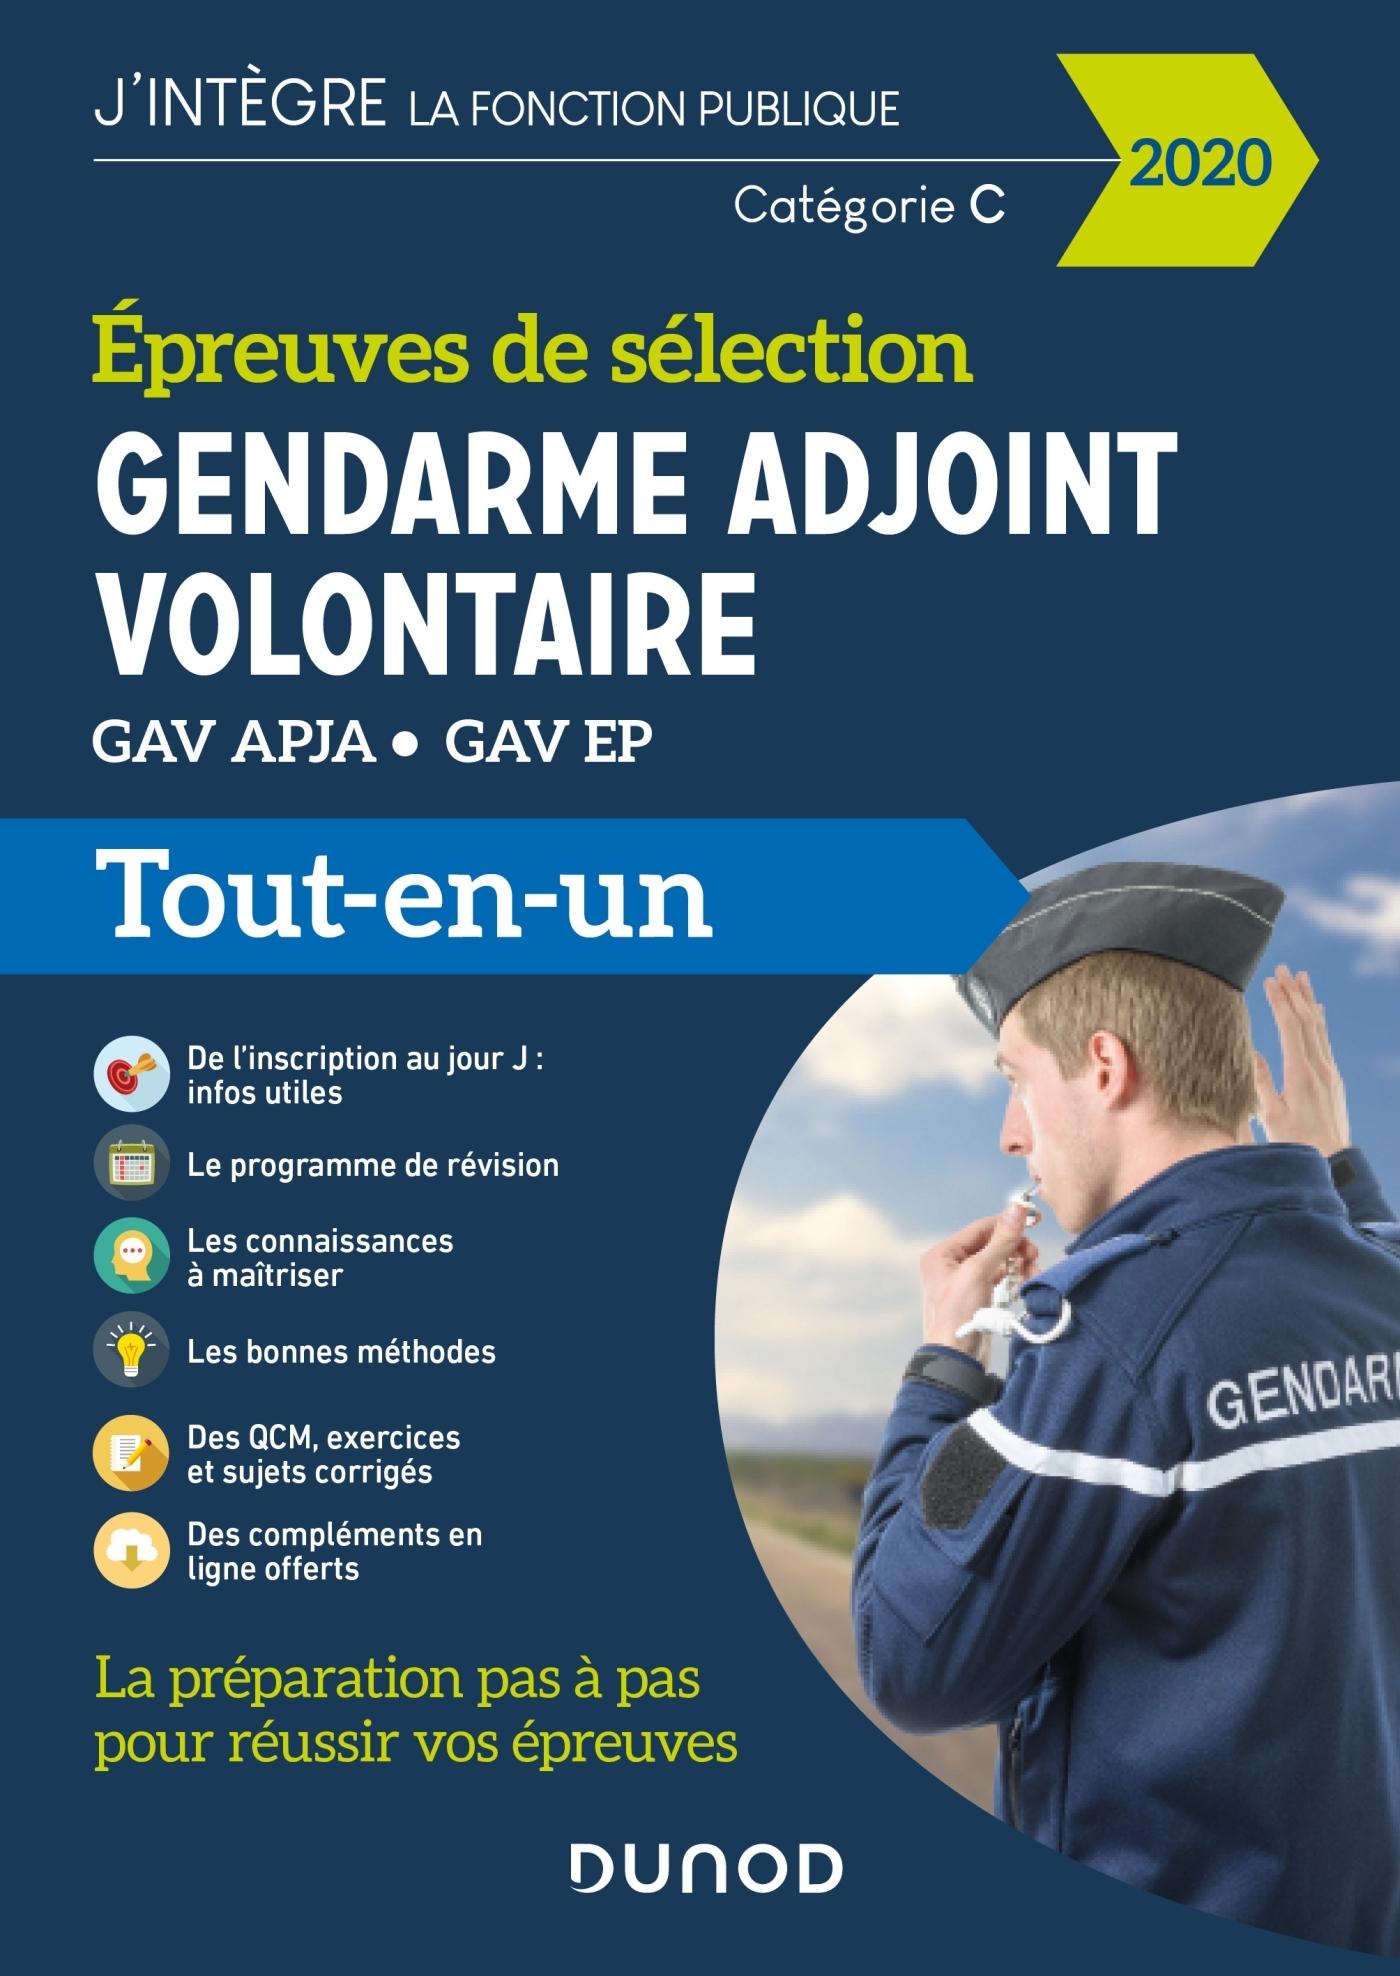 GENDARME ADJOINT VOLONTAIRE - 2020 - EPREUVES DE SELECTION GAV APJA - EP - TOUT EN UN - EPREUVES DE